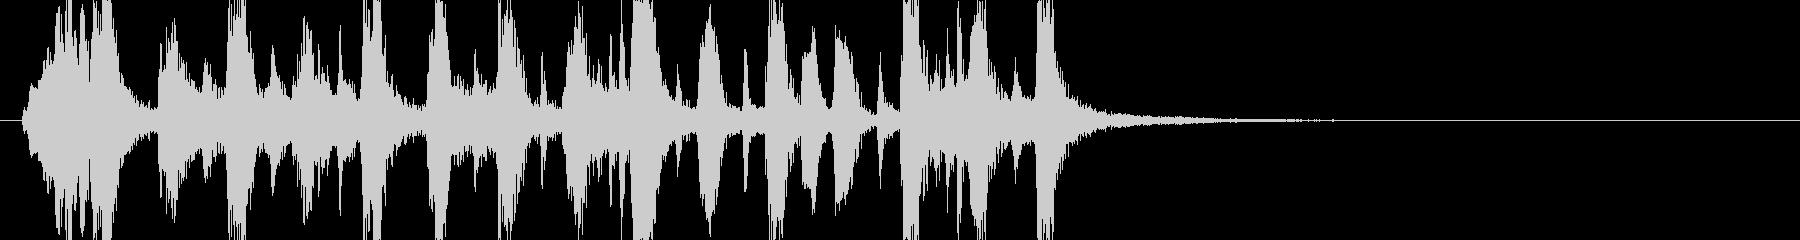 ダークでコミカルなハロウィンのジングルの未再生の波形